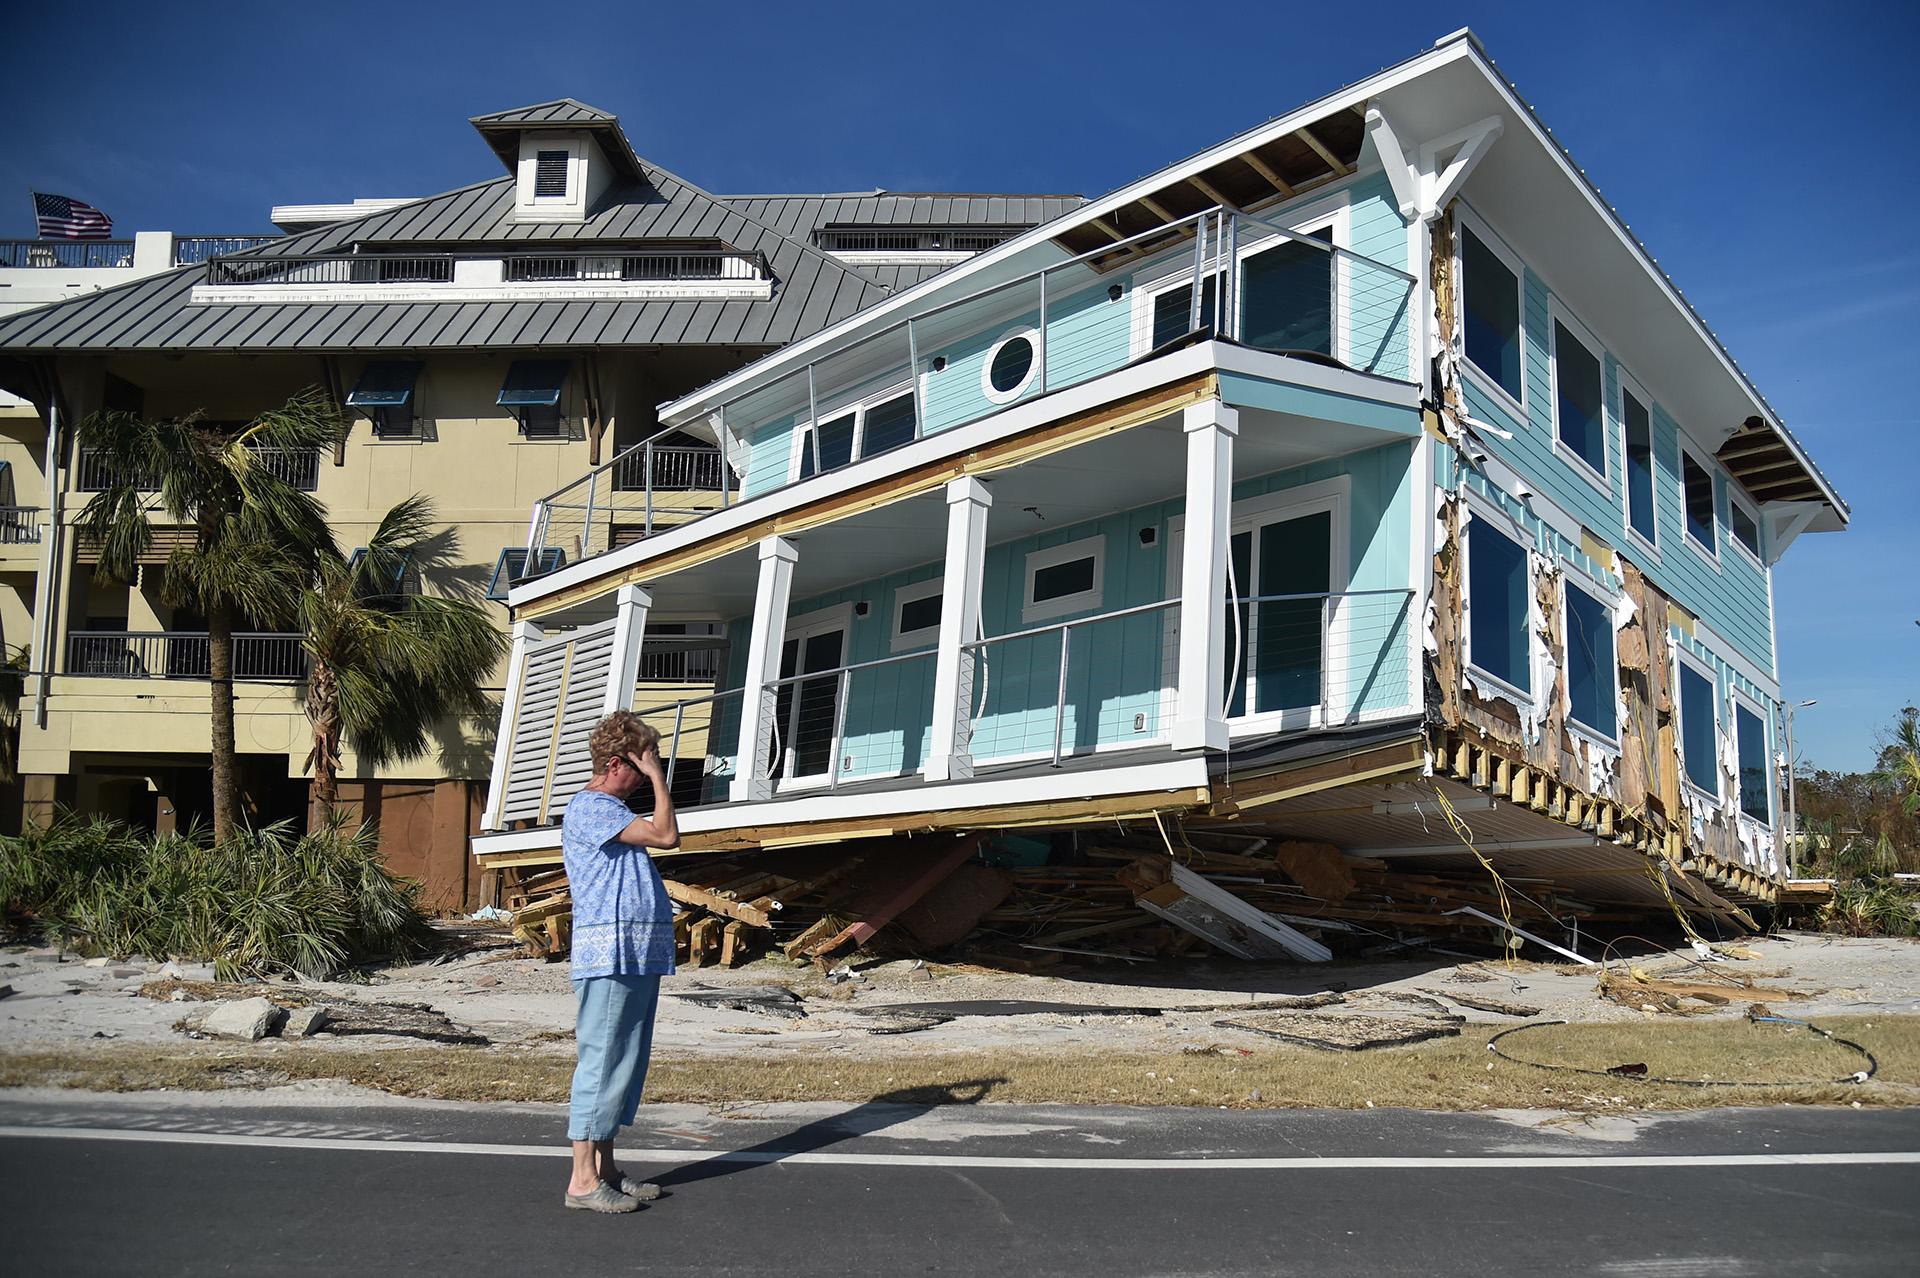 Una mujer contempla el daño causado por el Huracán Michaelen una casa en Mexico Beach, Florida, el 12 de octubre (HECTOR RETAMAL / AFP)